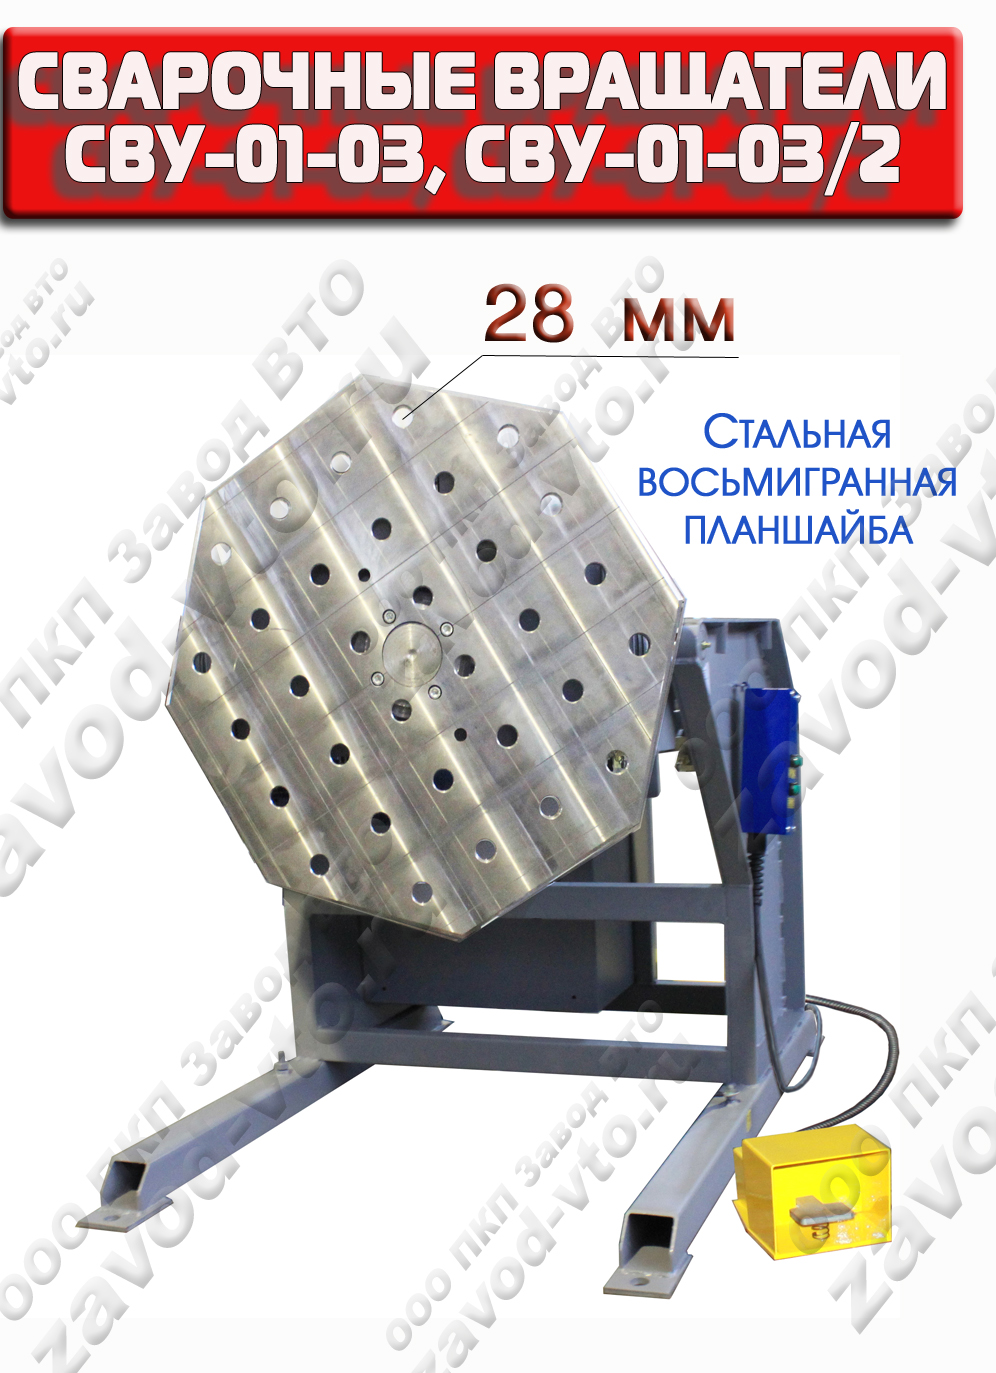 Сварочные вращатели СВУ-01-03, СВУ-01-03/2